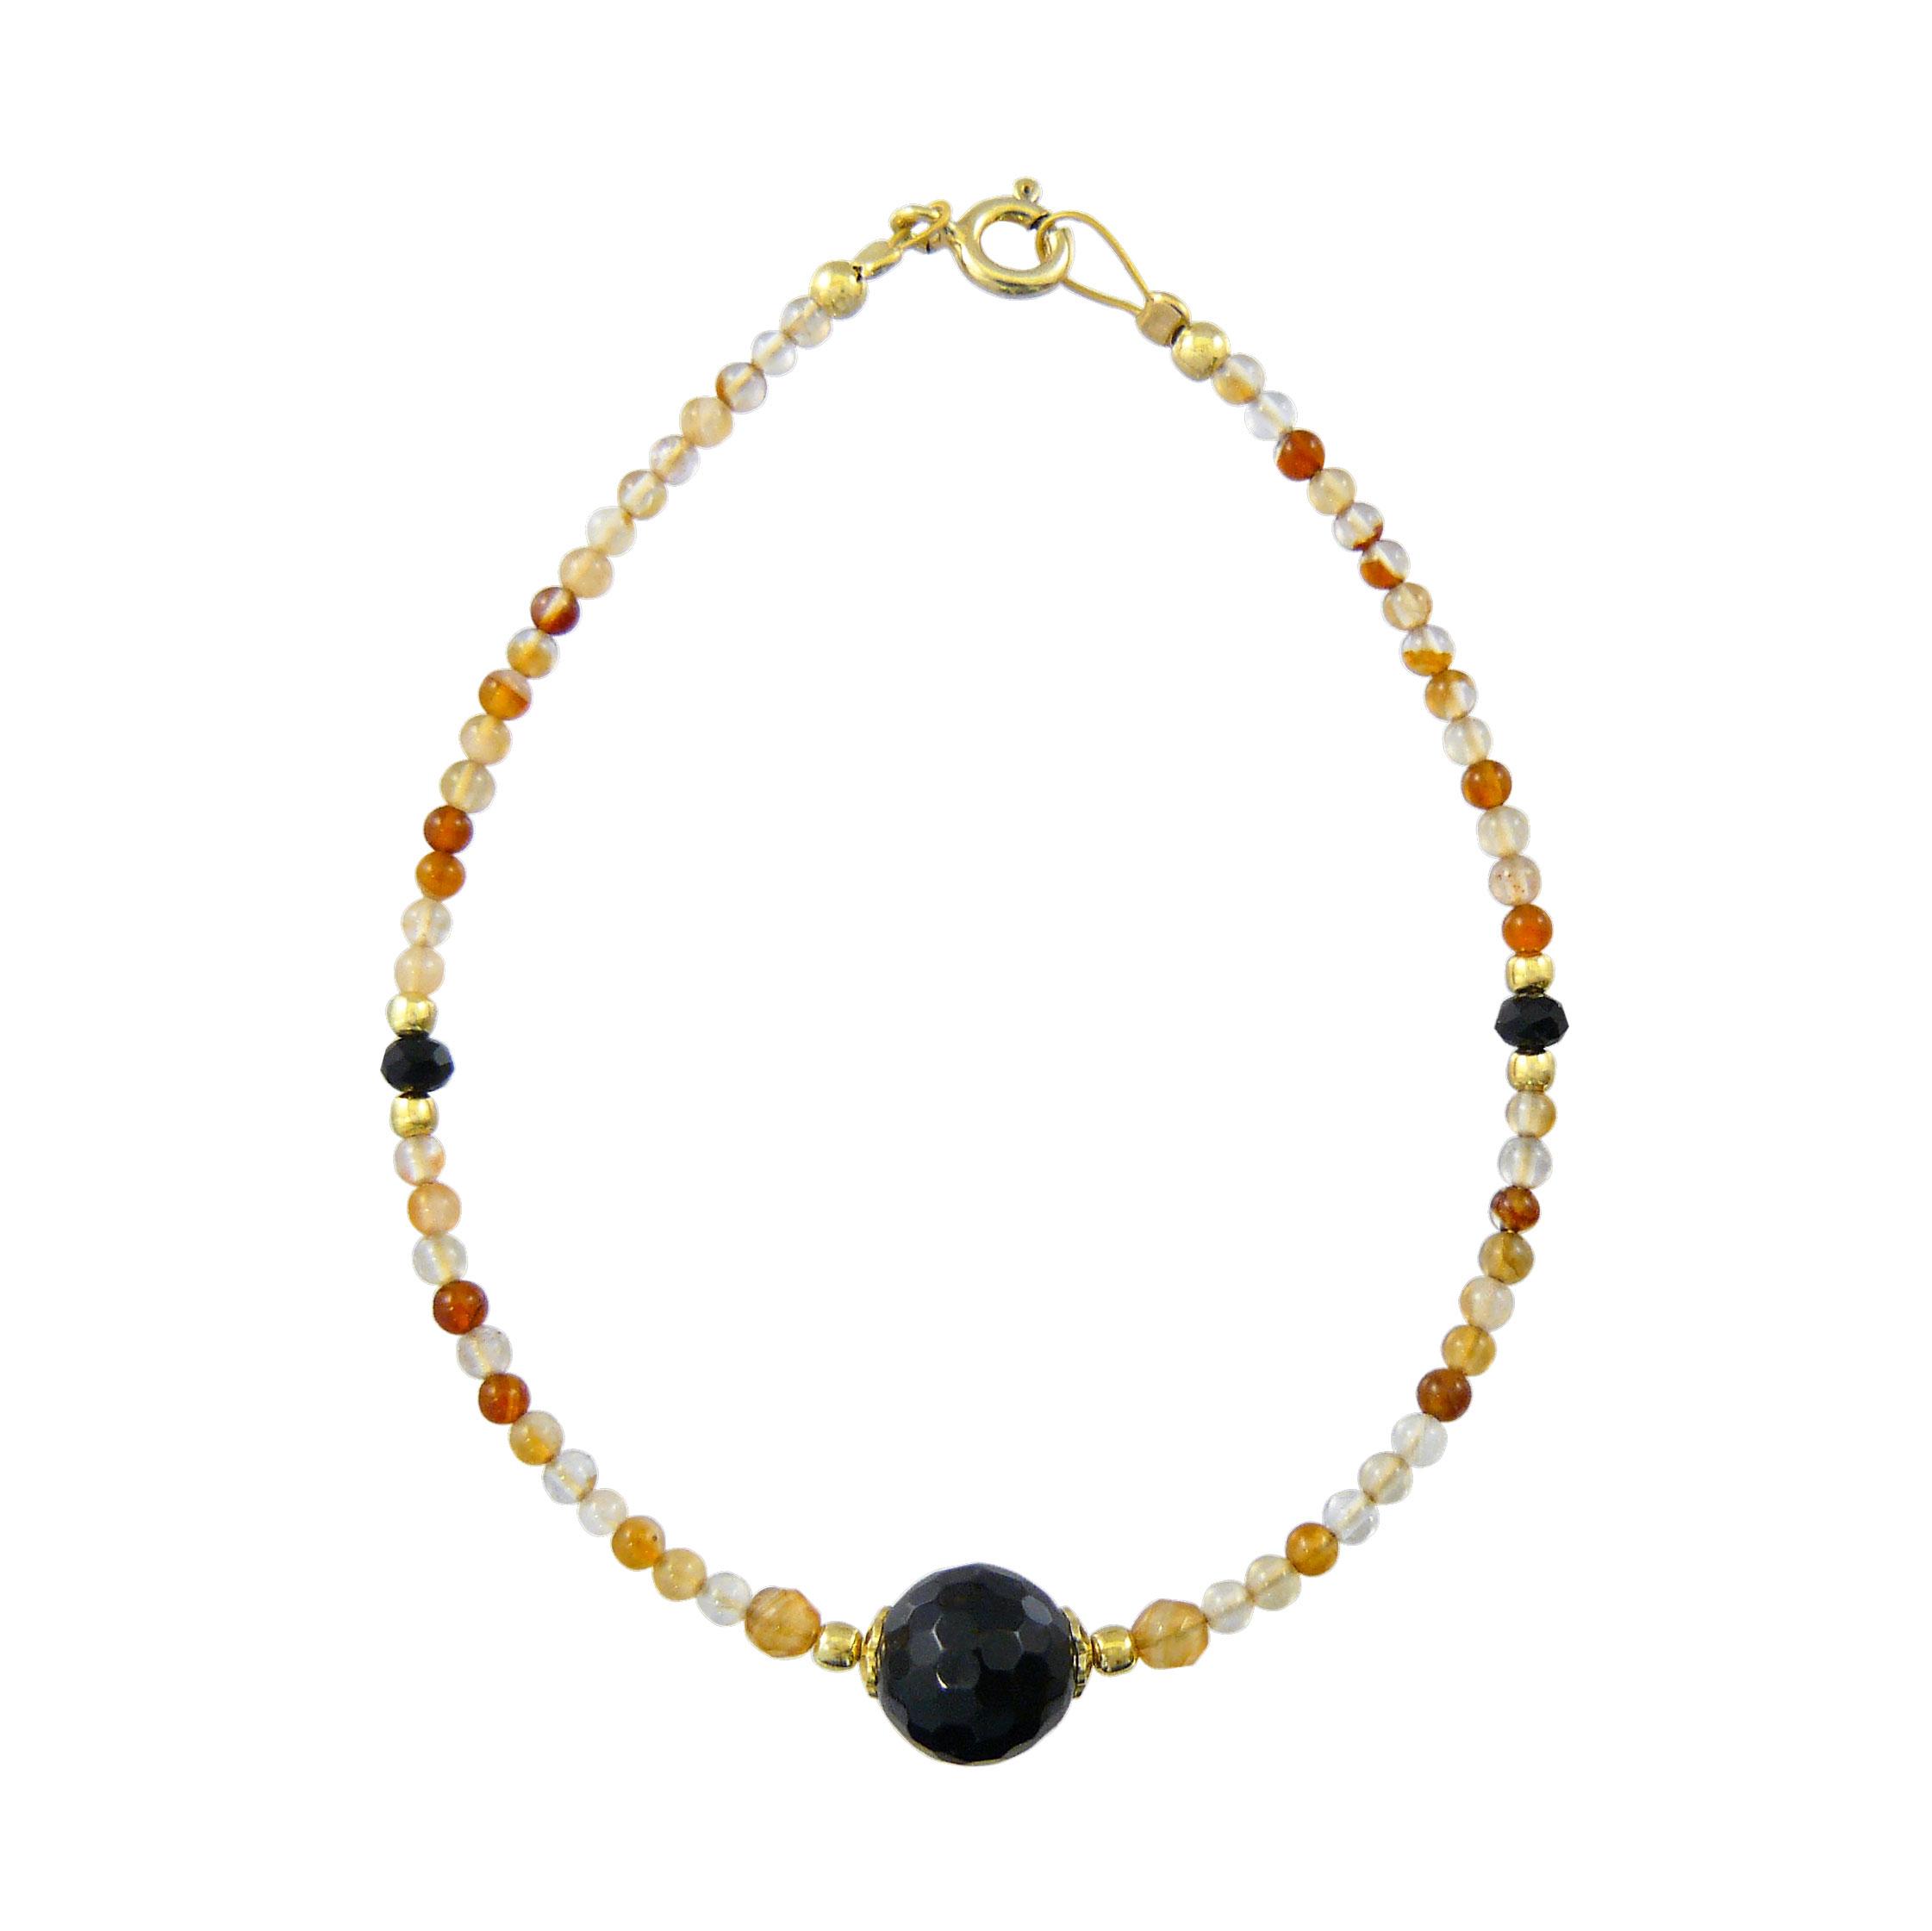 Γυναικέιο Βραχιόλι με Ενεργειακές Πέτρες